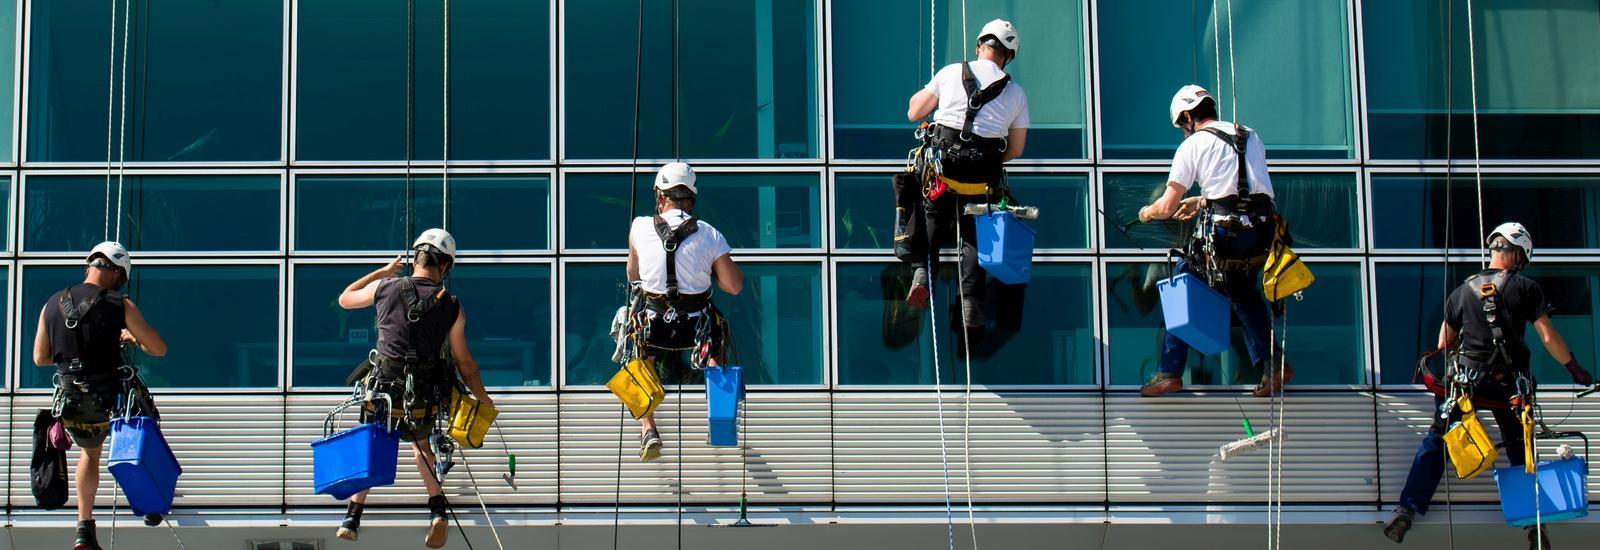 Les collectifs de travail sont particulièrement importants dans les métiers à risque.